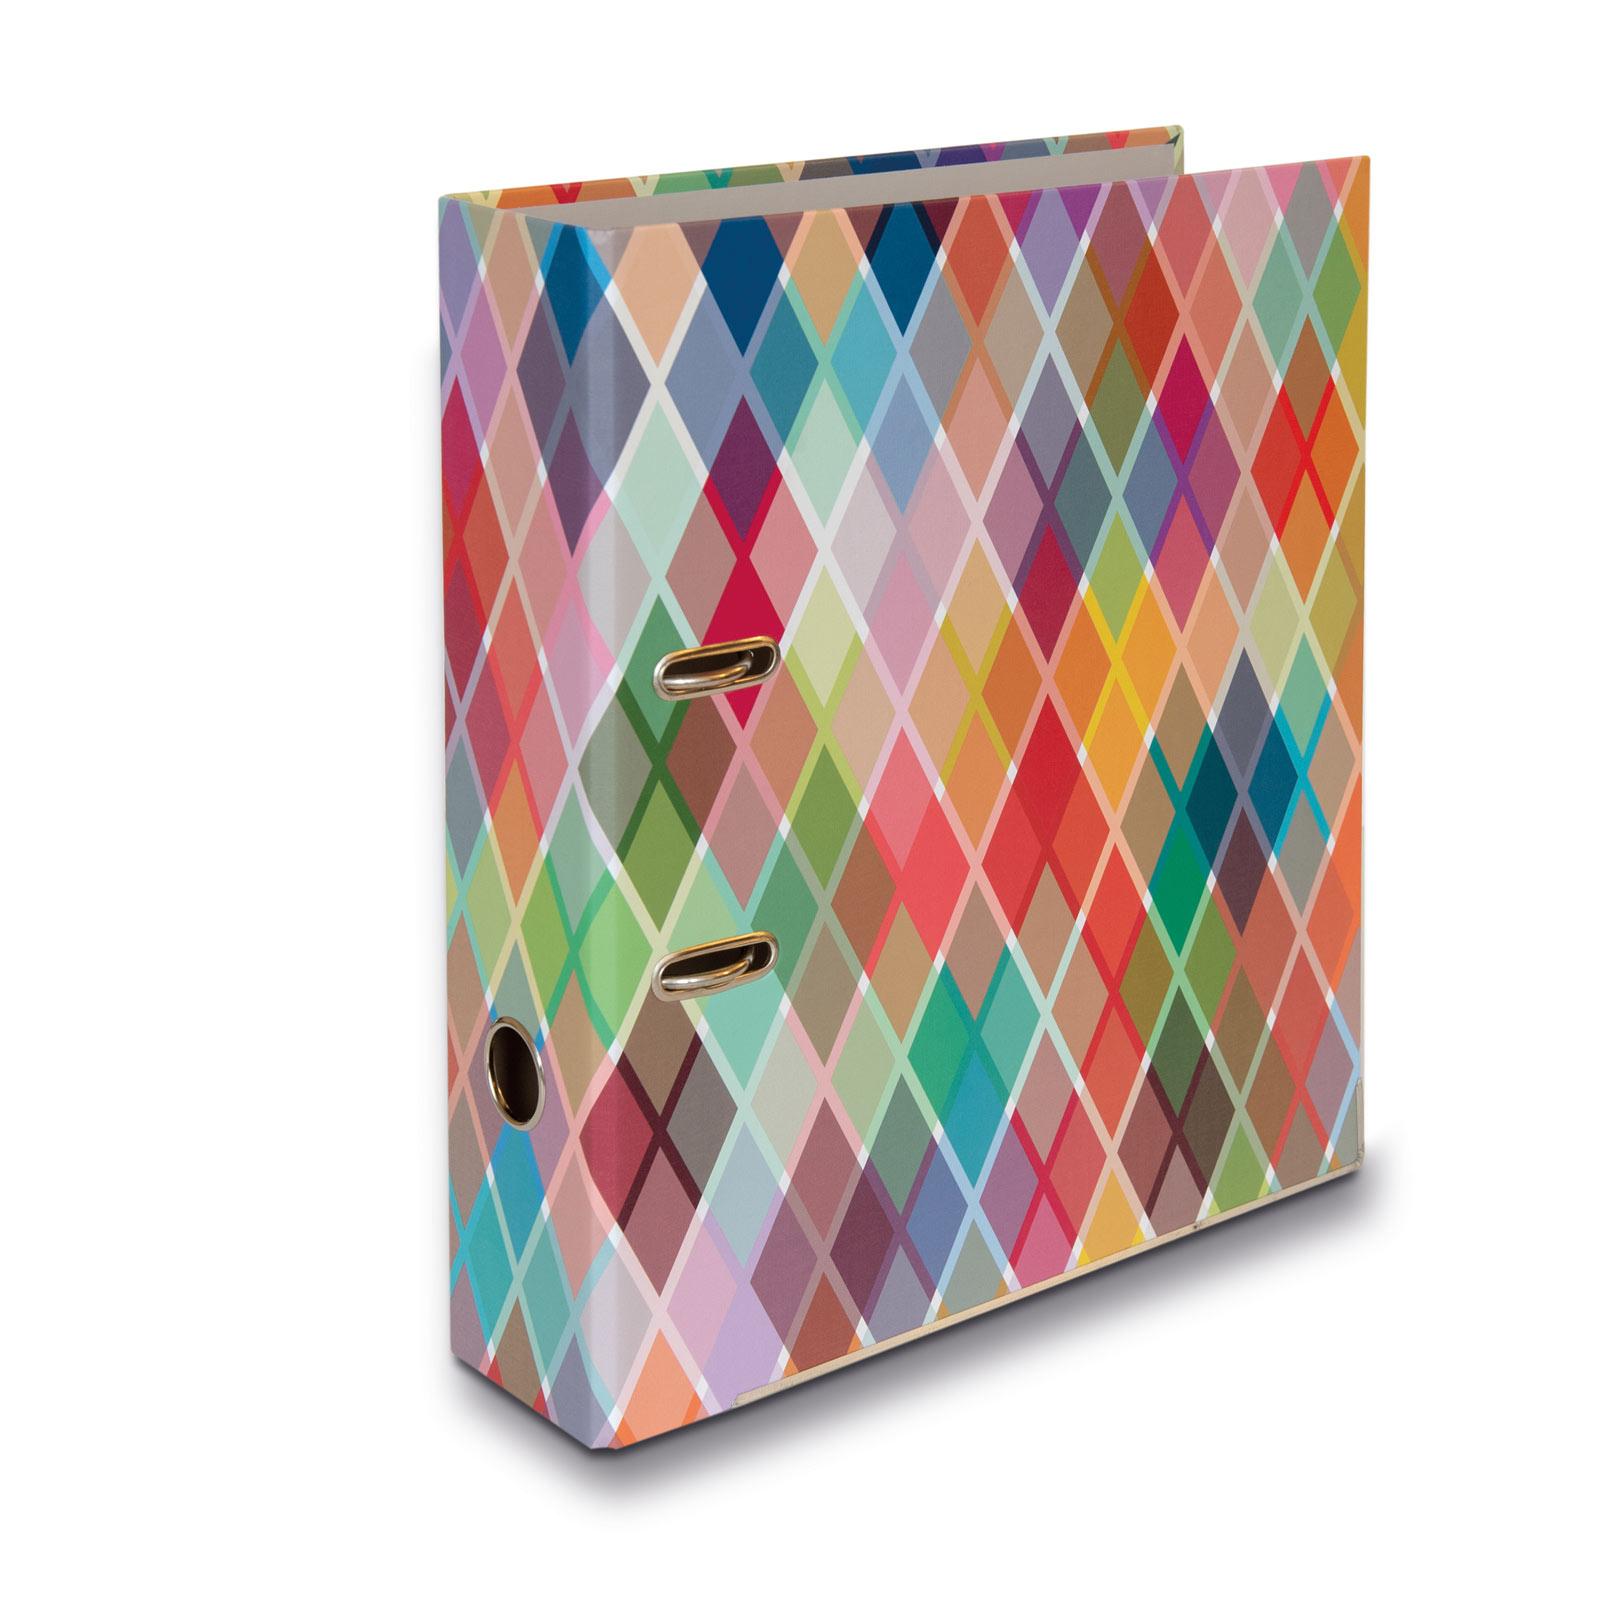 Remember farbenfroher DIN A4 Ordner 28,5 x 8 x 32 cm Motiv ETIENNE